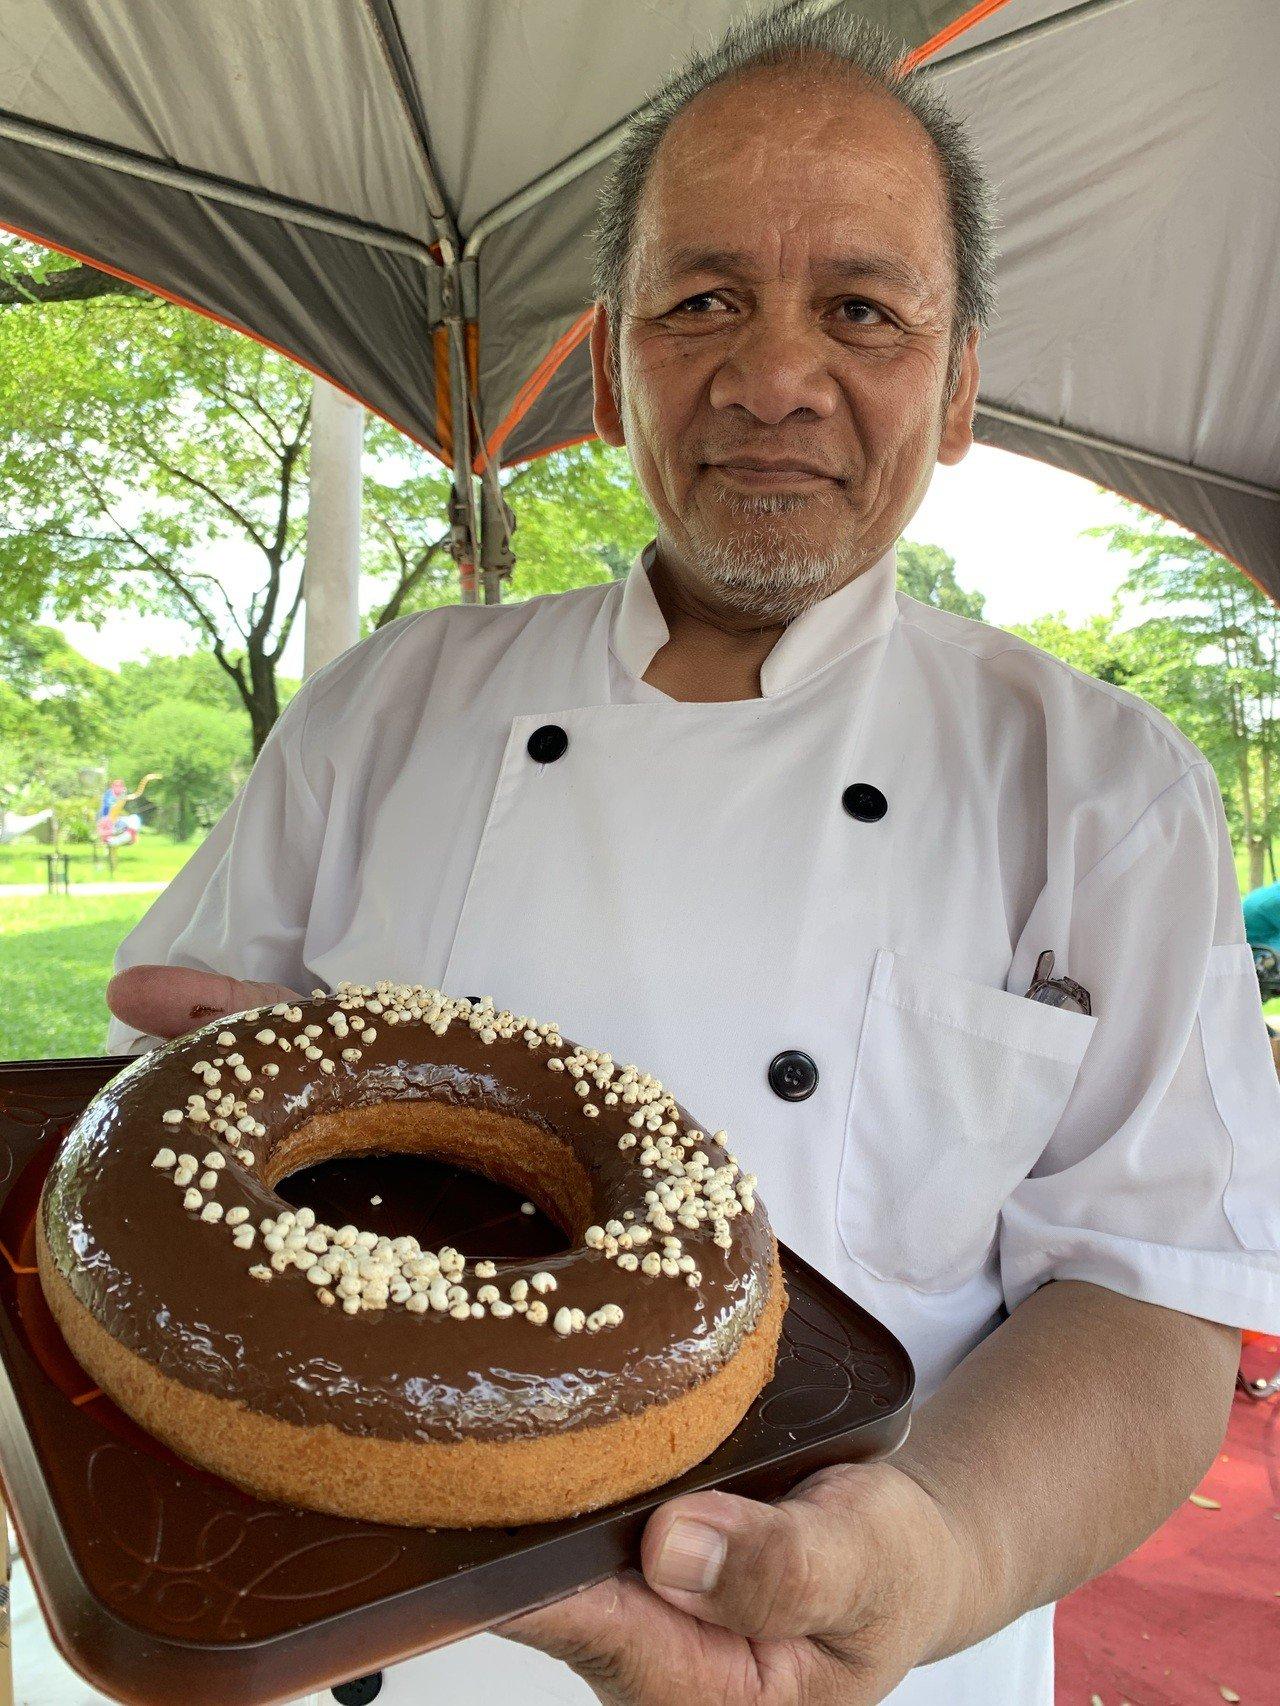 麥順英製作各種口味的甜甜圈。記者翁禎霞/攝影